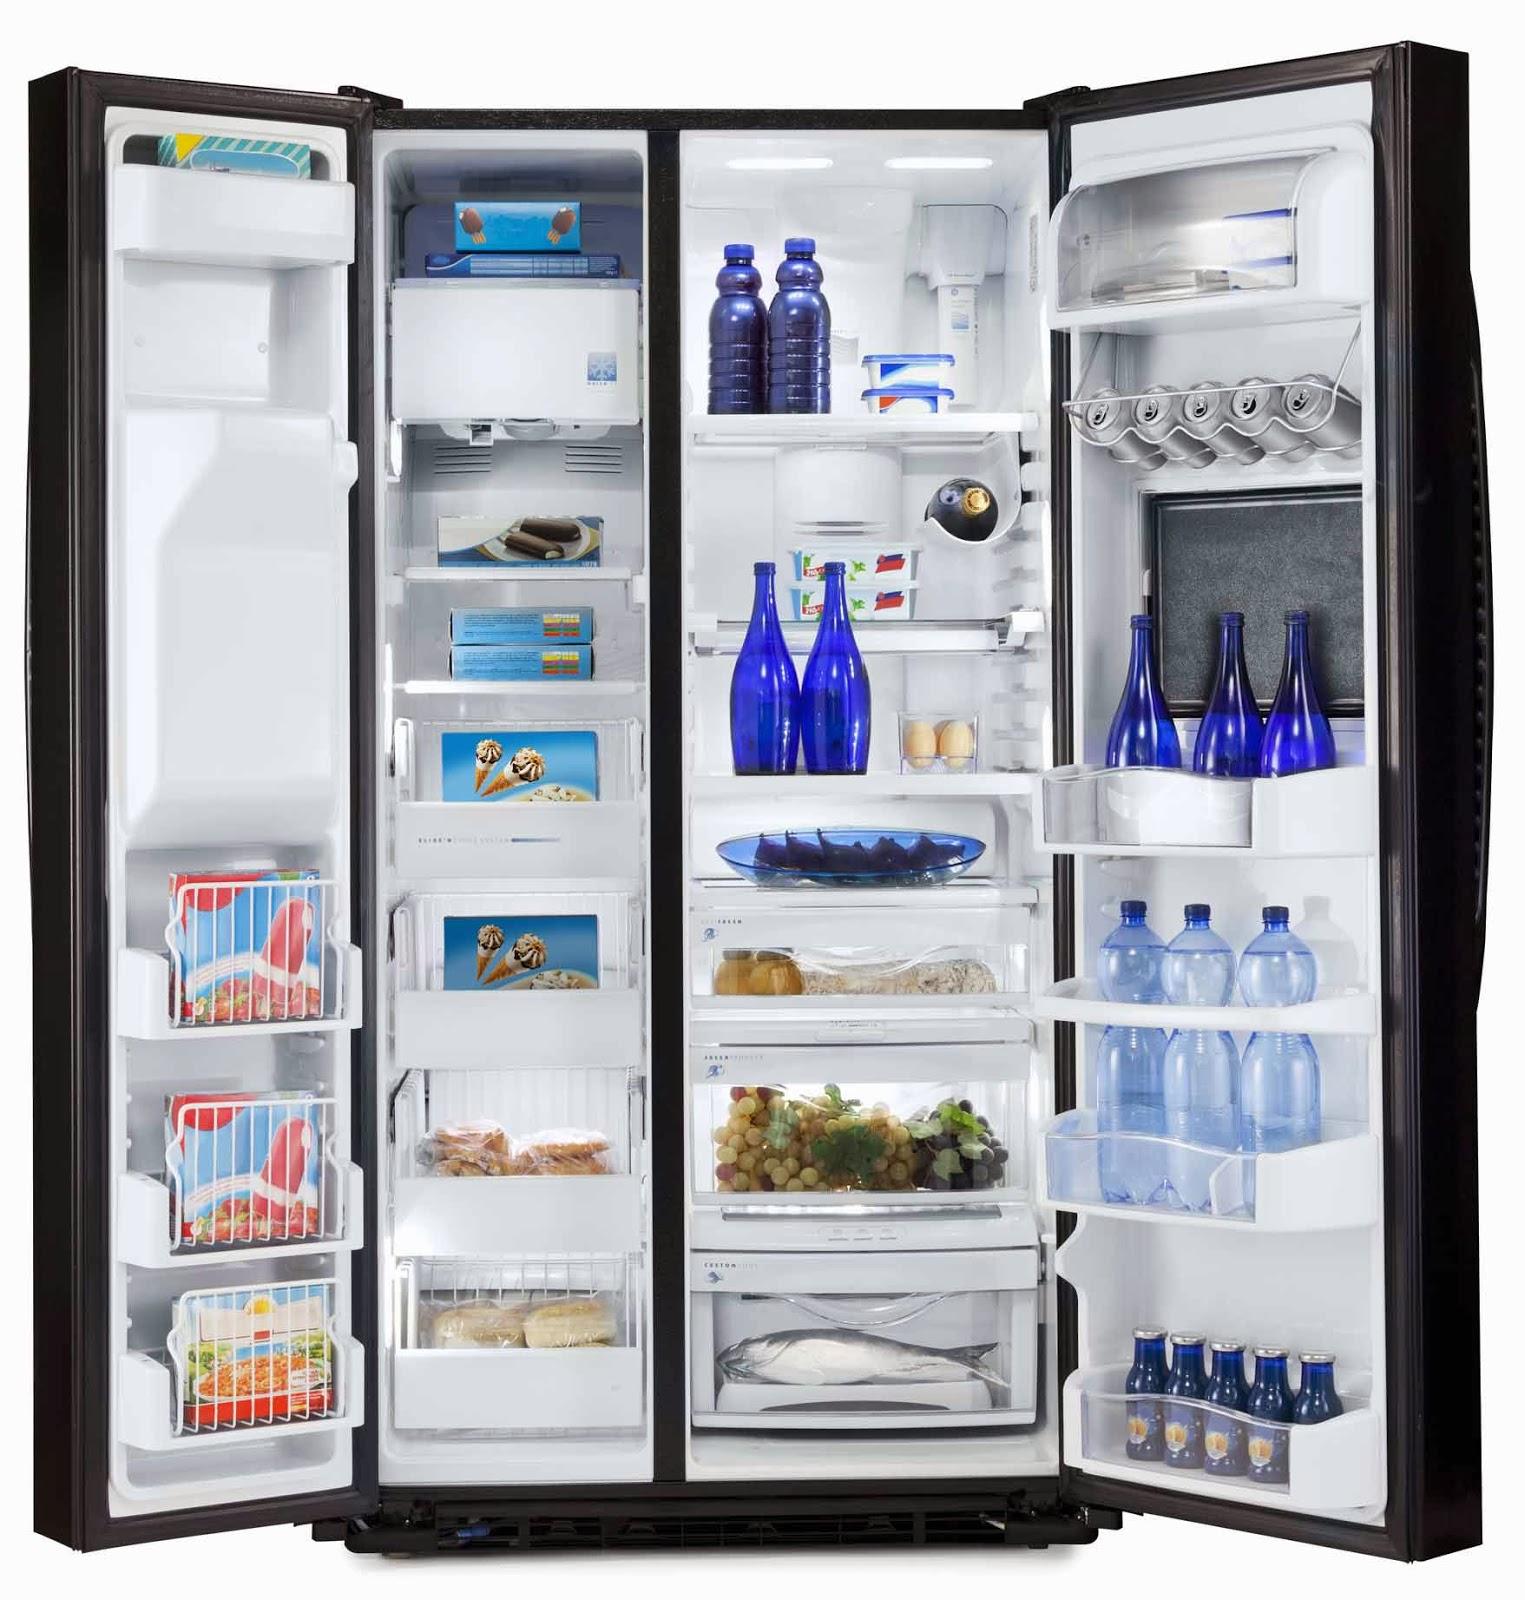 Kuehlmoebel247.de: Amerikanischer Kühlschränke General Electric ...